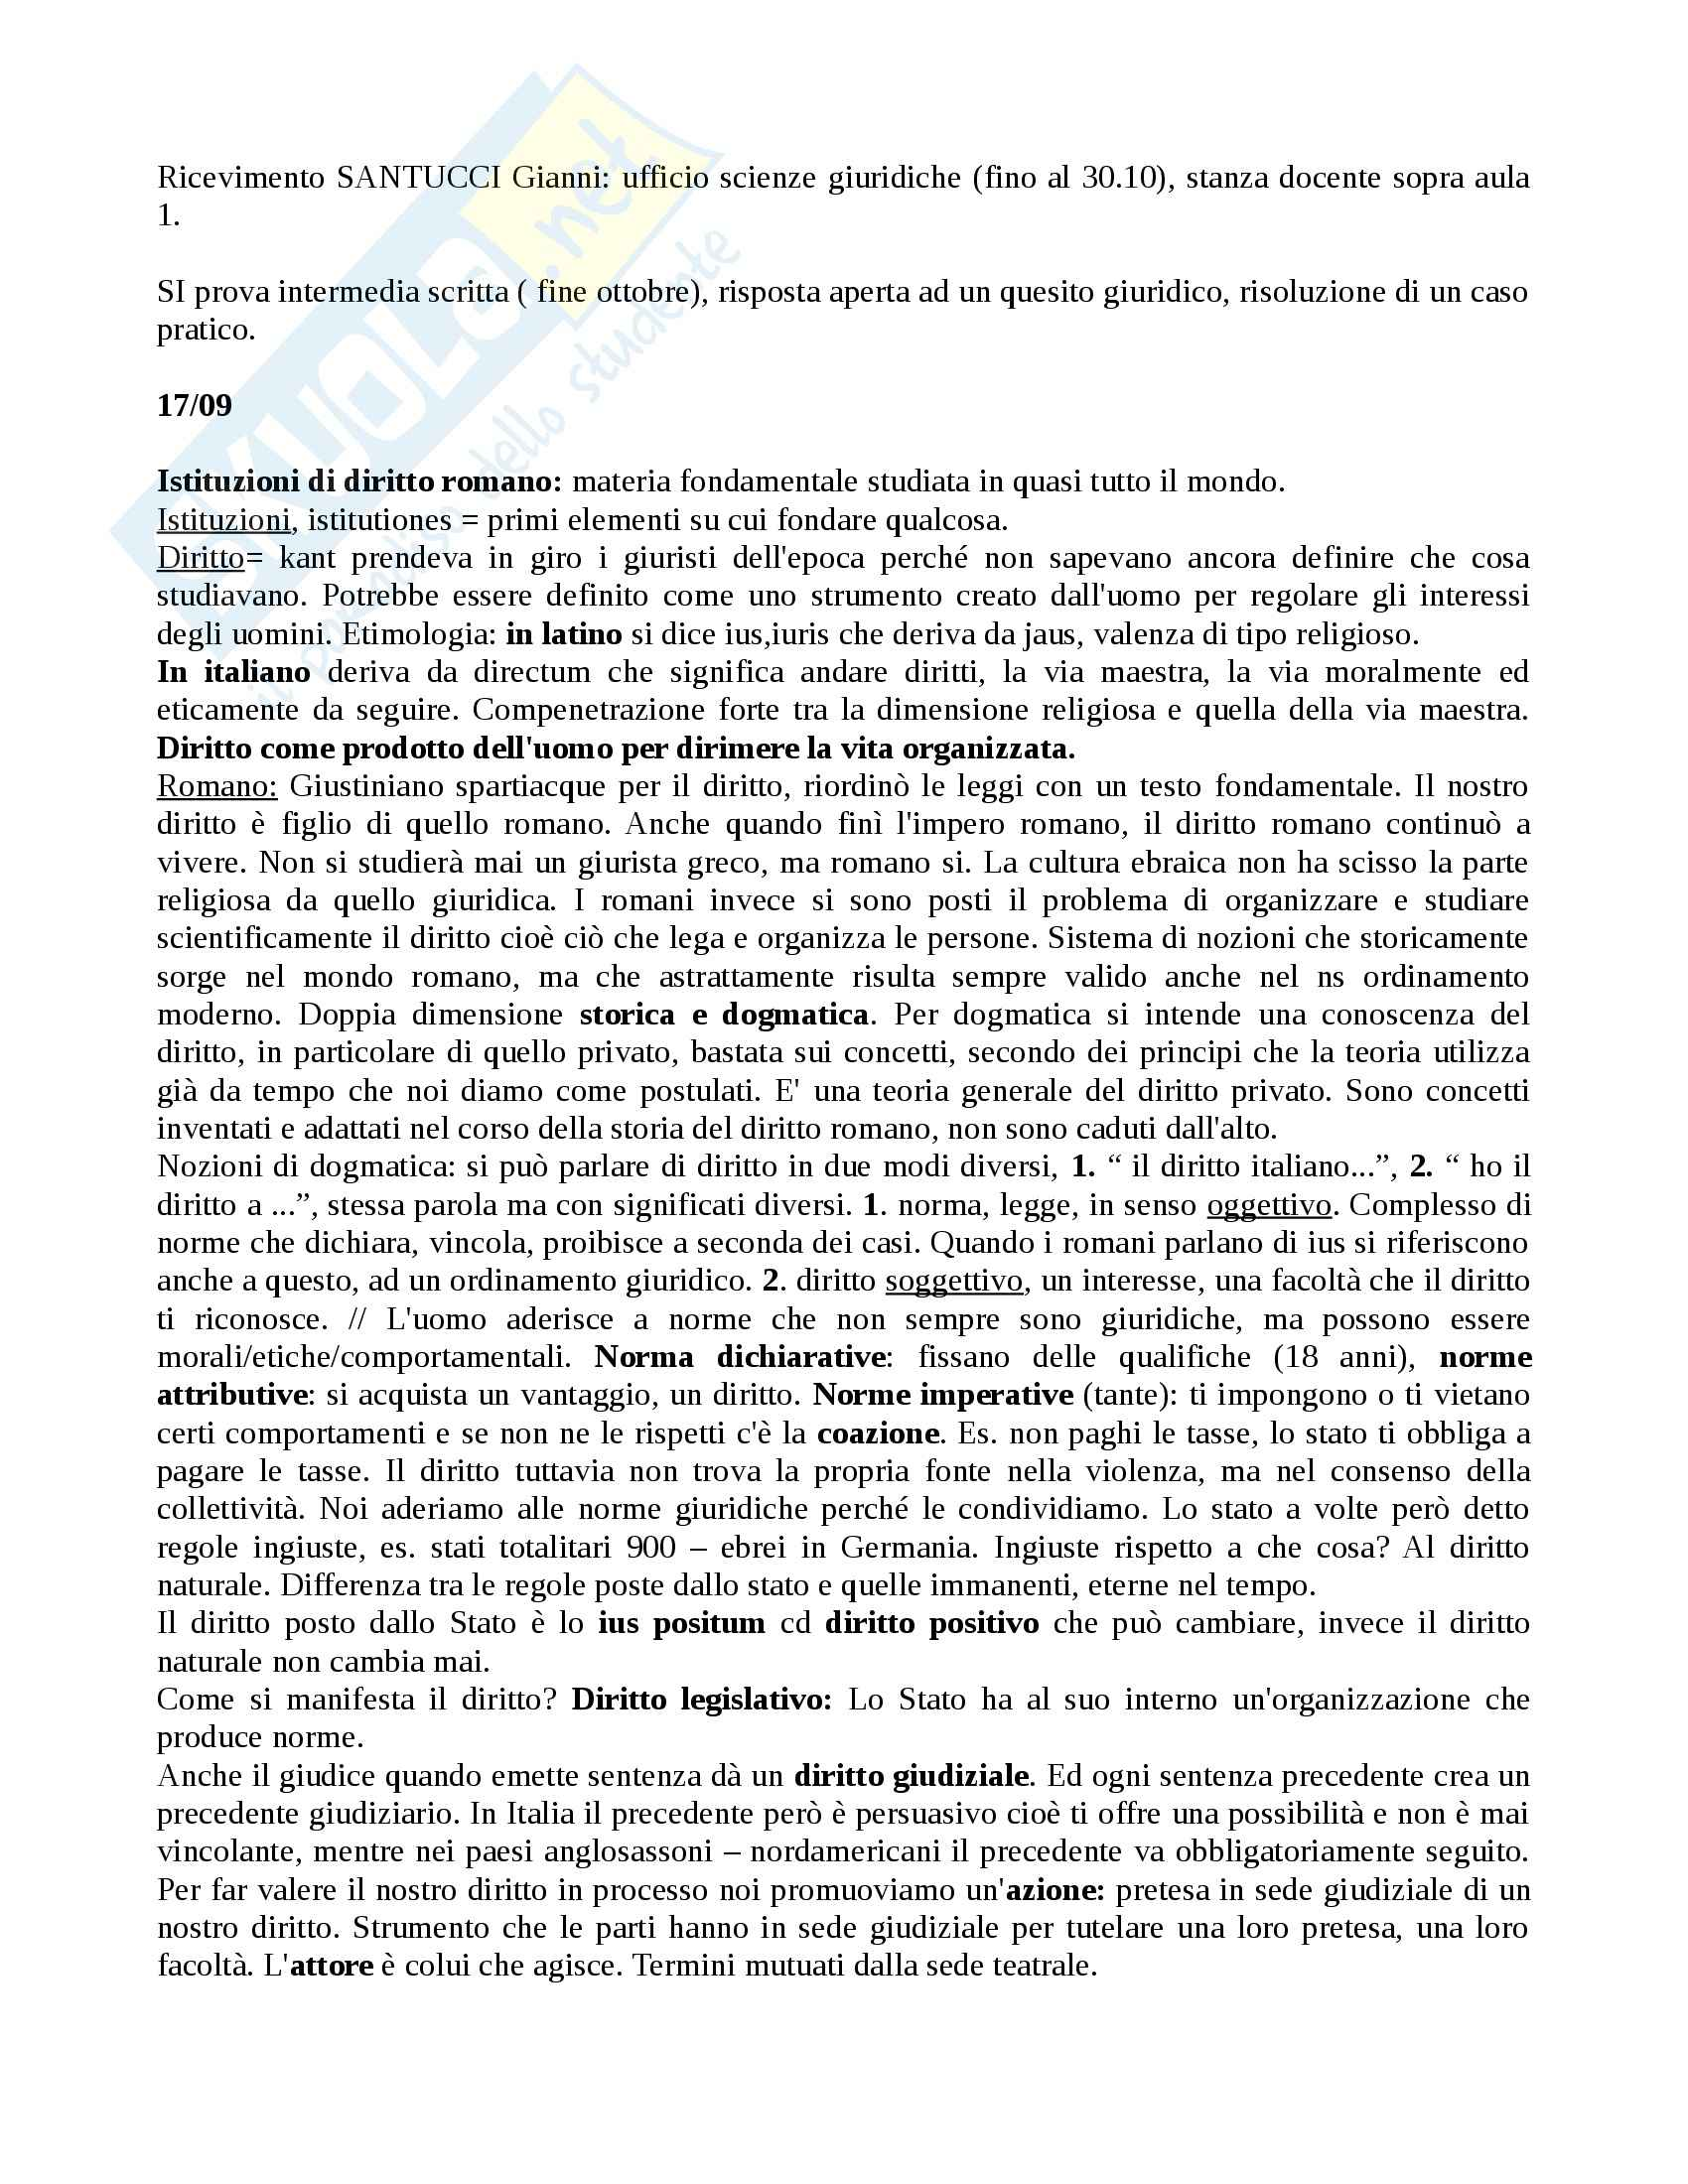 Istituzioni di diritto romano - nozioni e Appunti